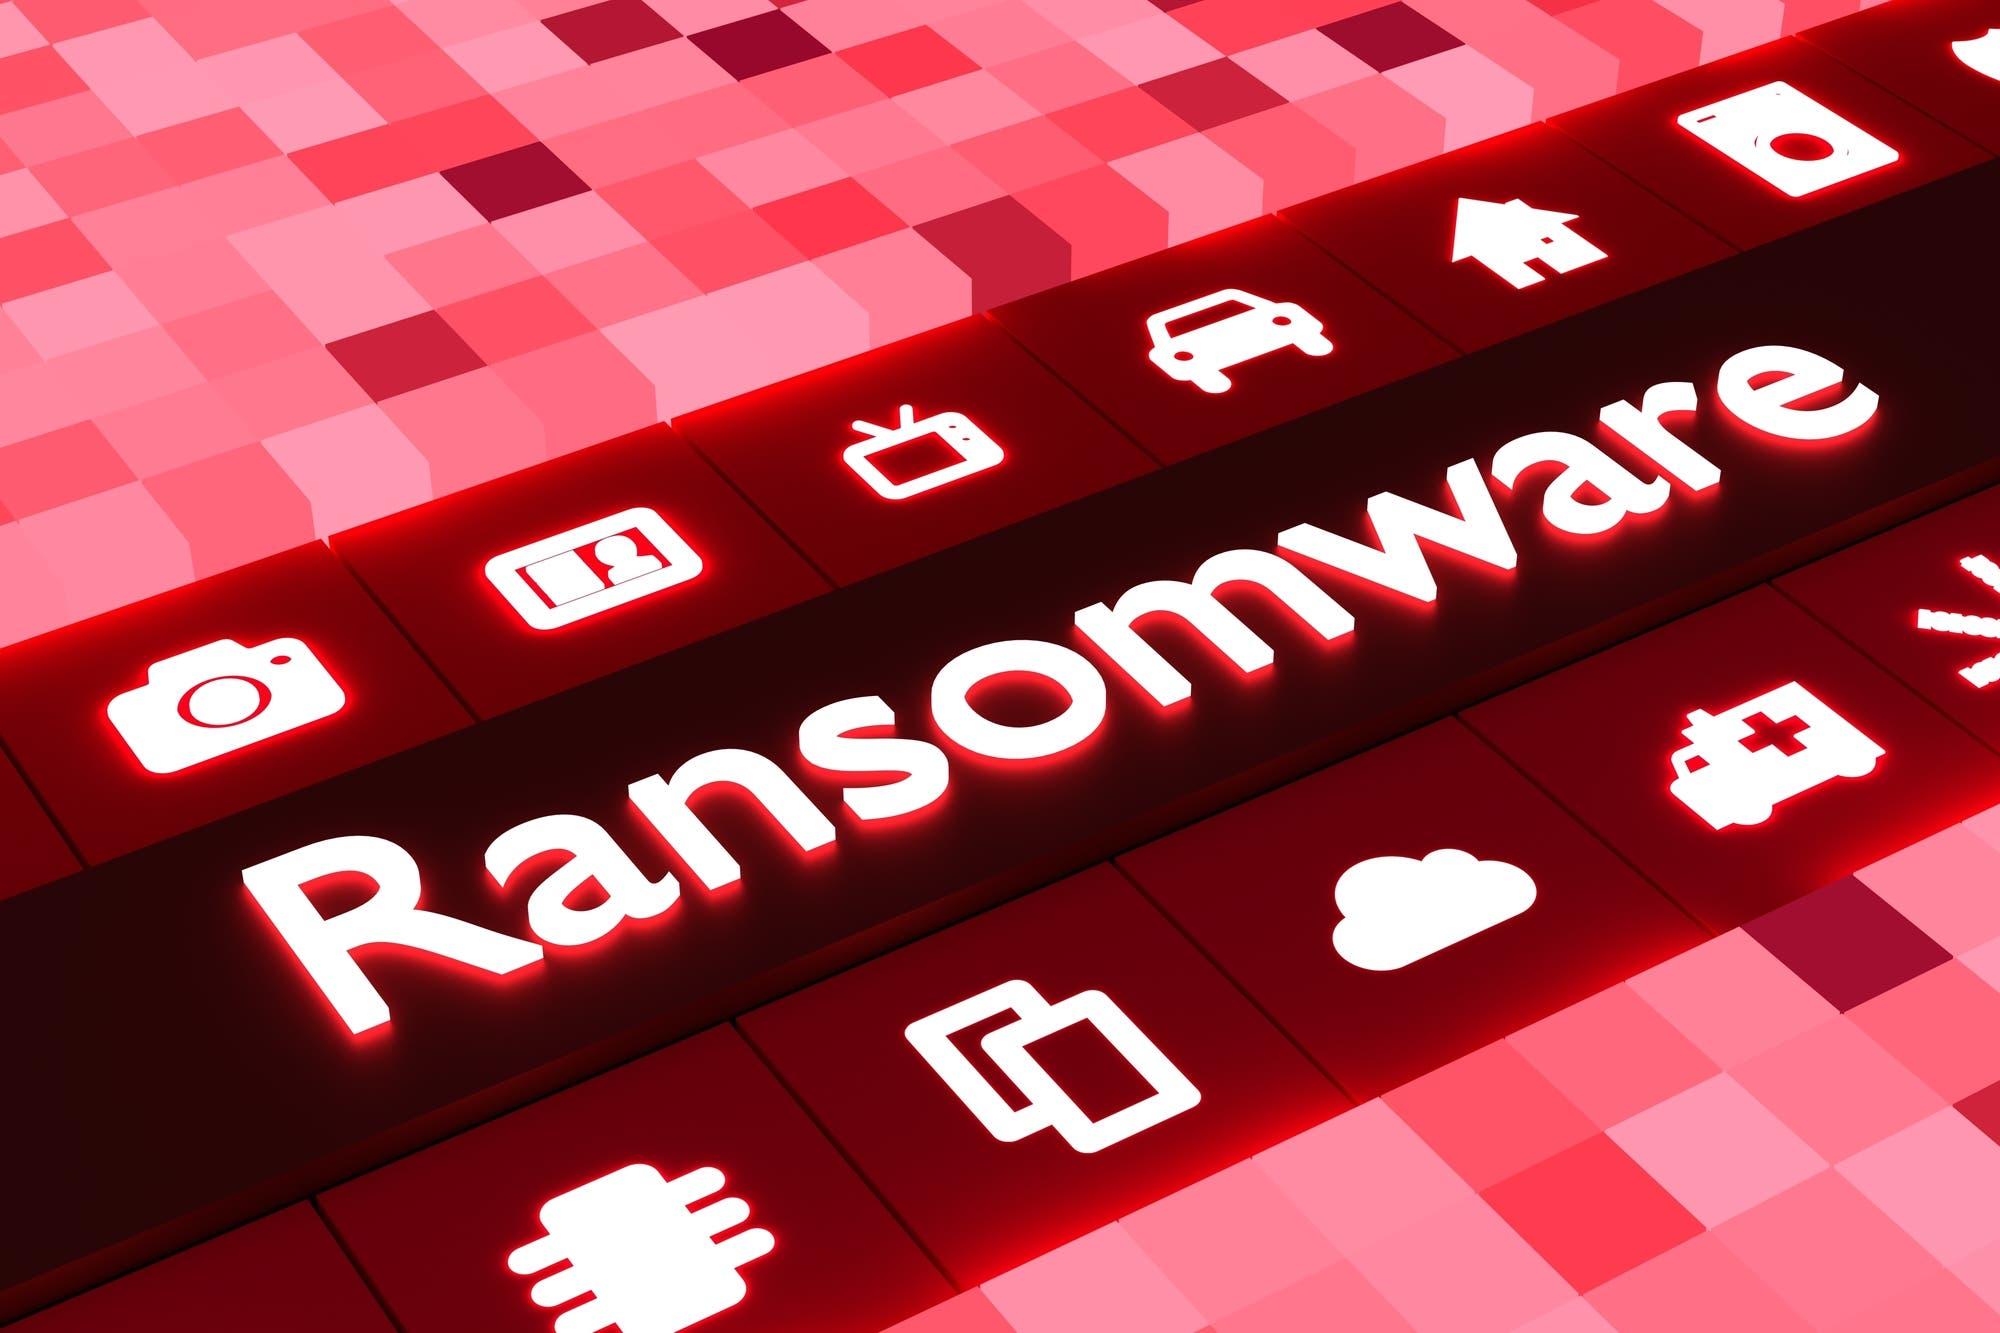 Una mujer murió en un hospital alemán por un ataque de ransomware